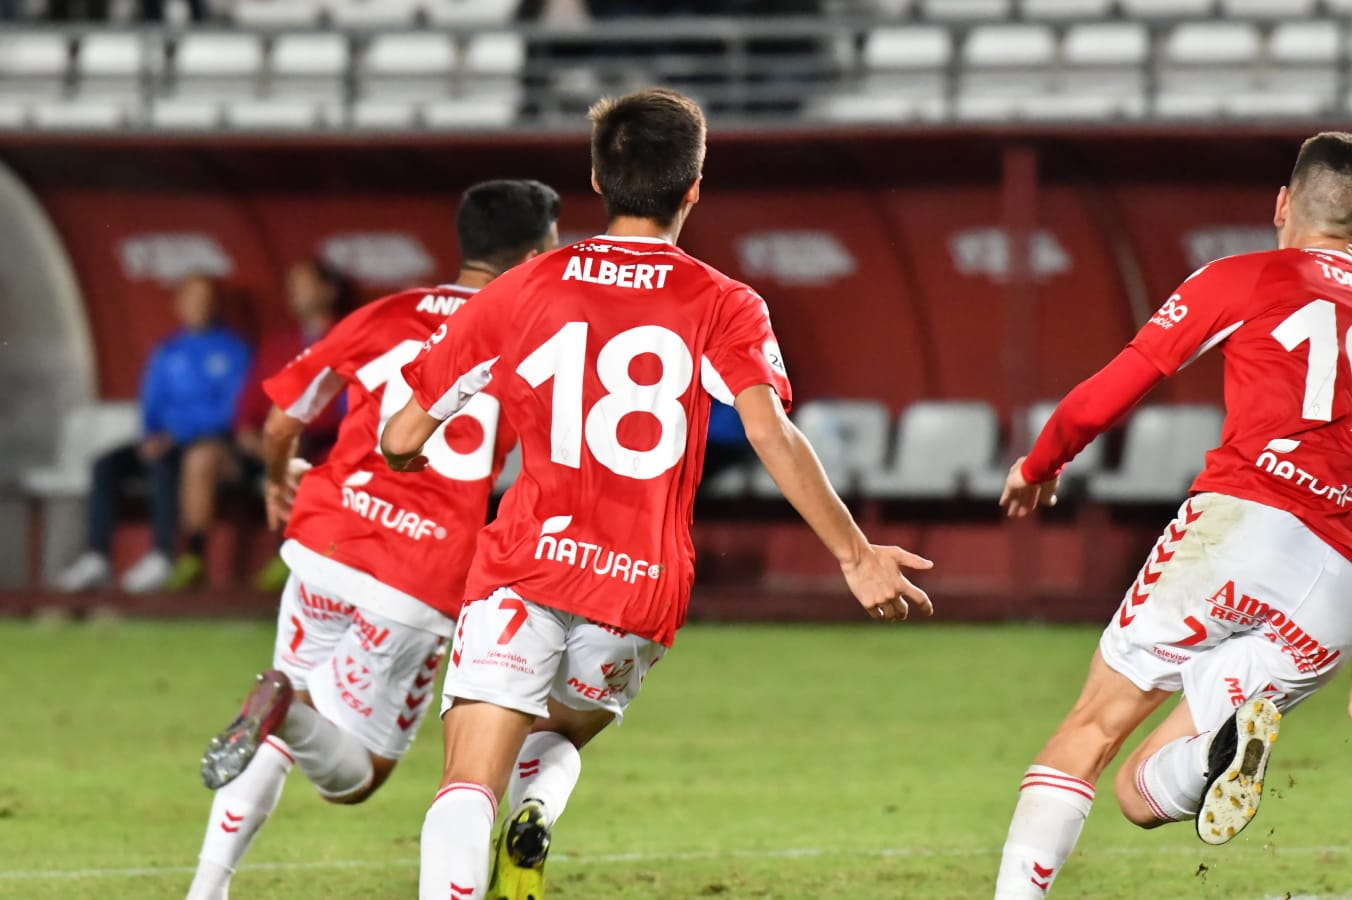 Andy y el Real Murcia celebran el gol que supuso el 1-0